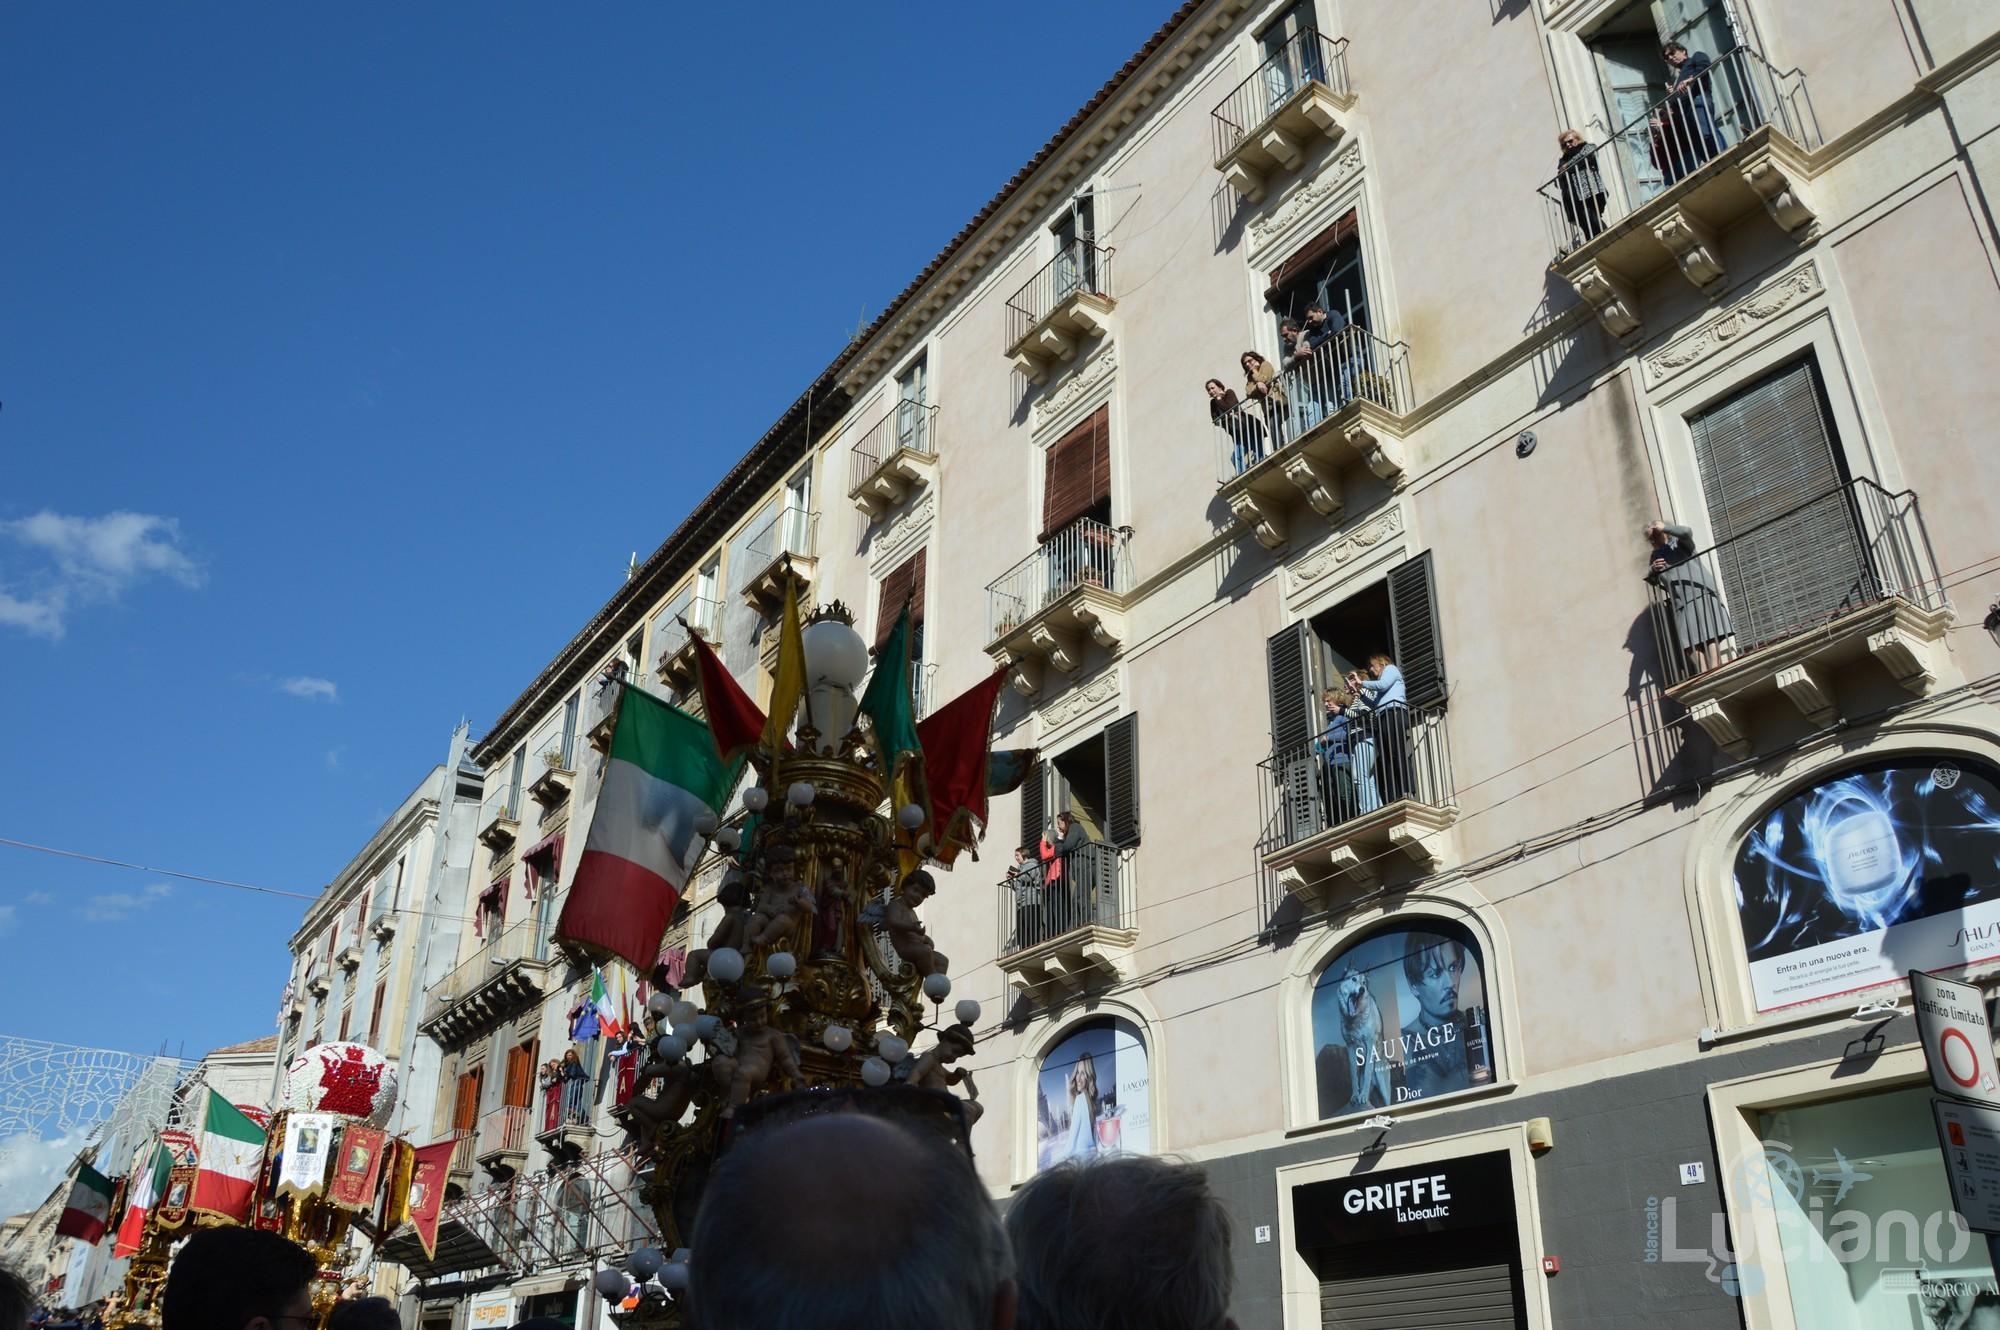 Candelora in via Etnea, apertura della festa di Sant'Agata 2019 - Catania (CT)